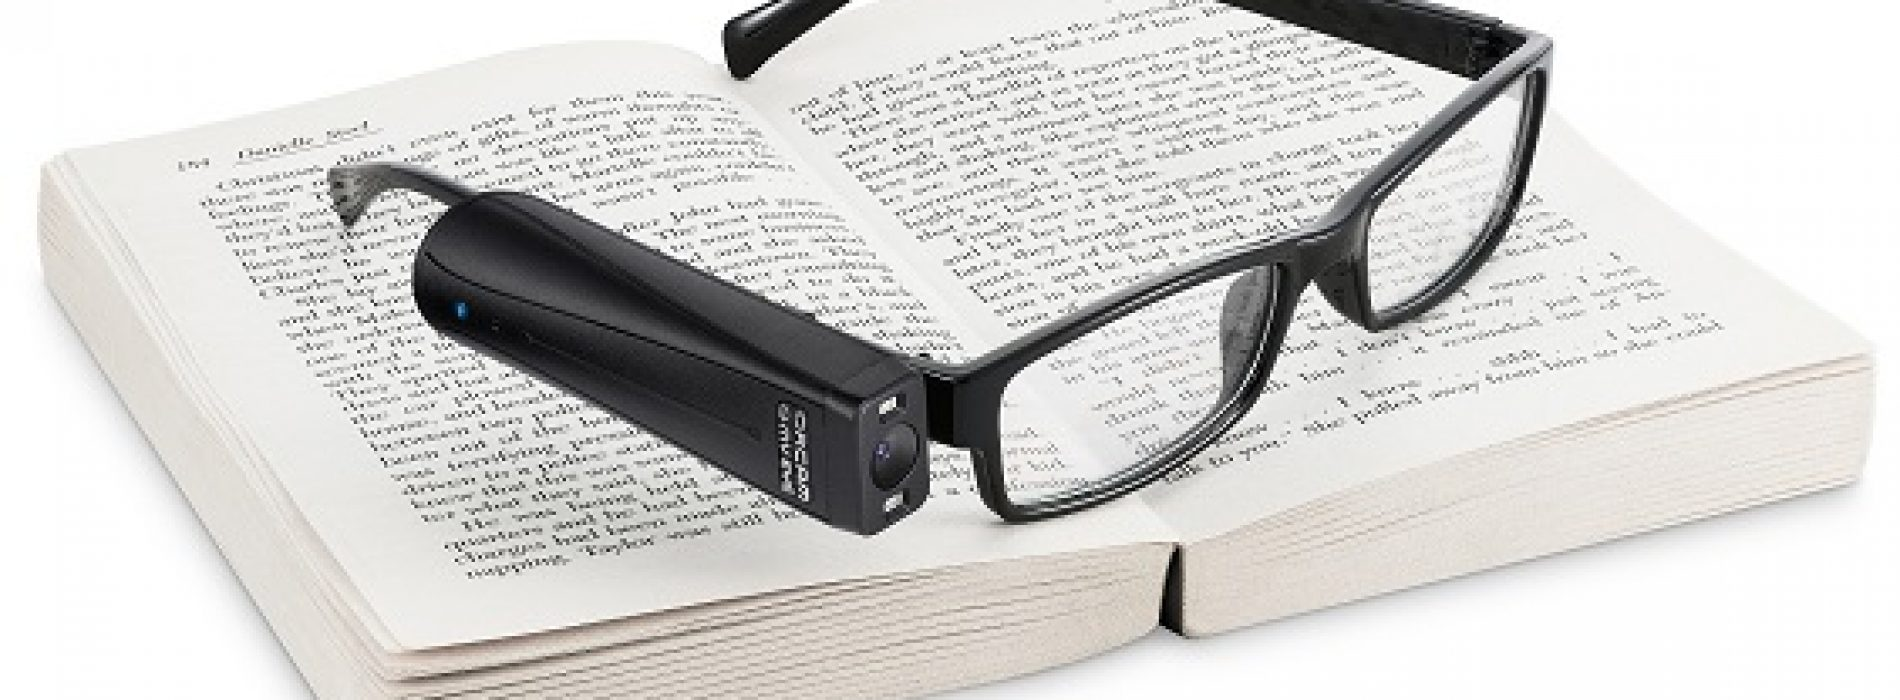 Nuevo dispositivo electrónico para personas con discapacidad visual